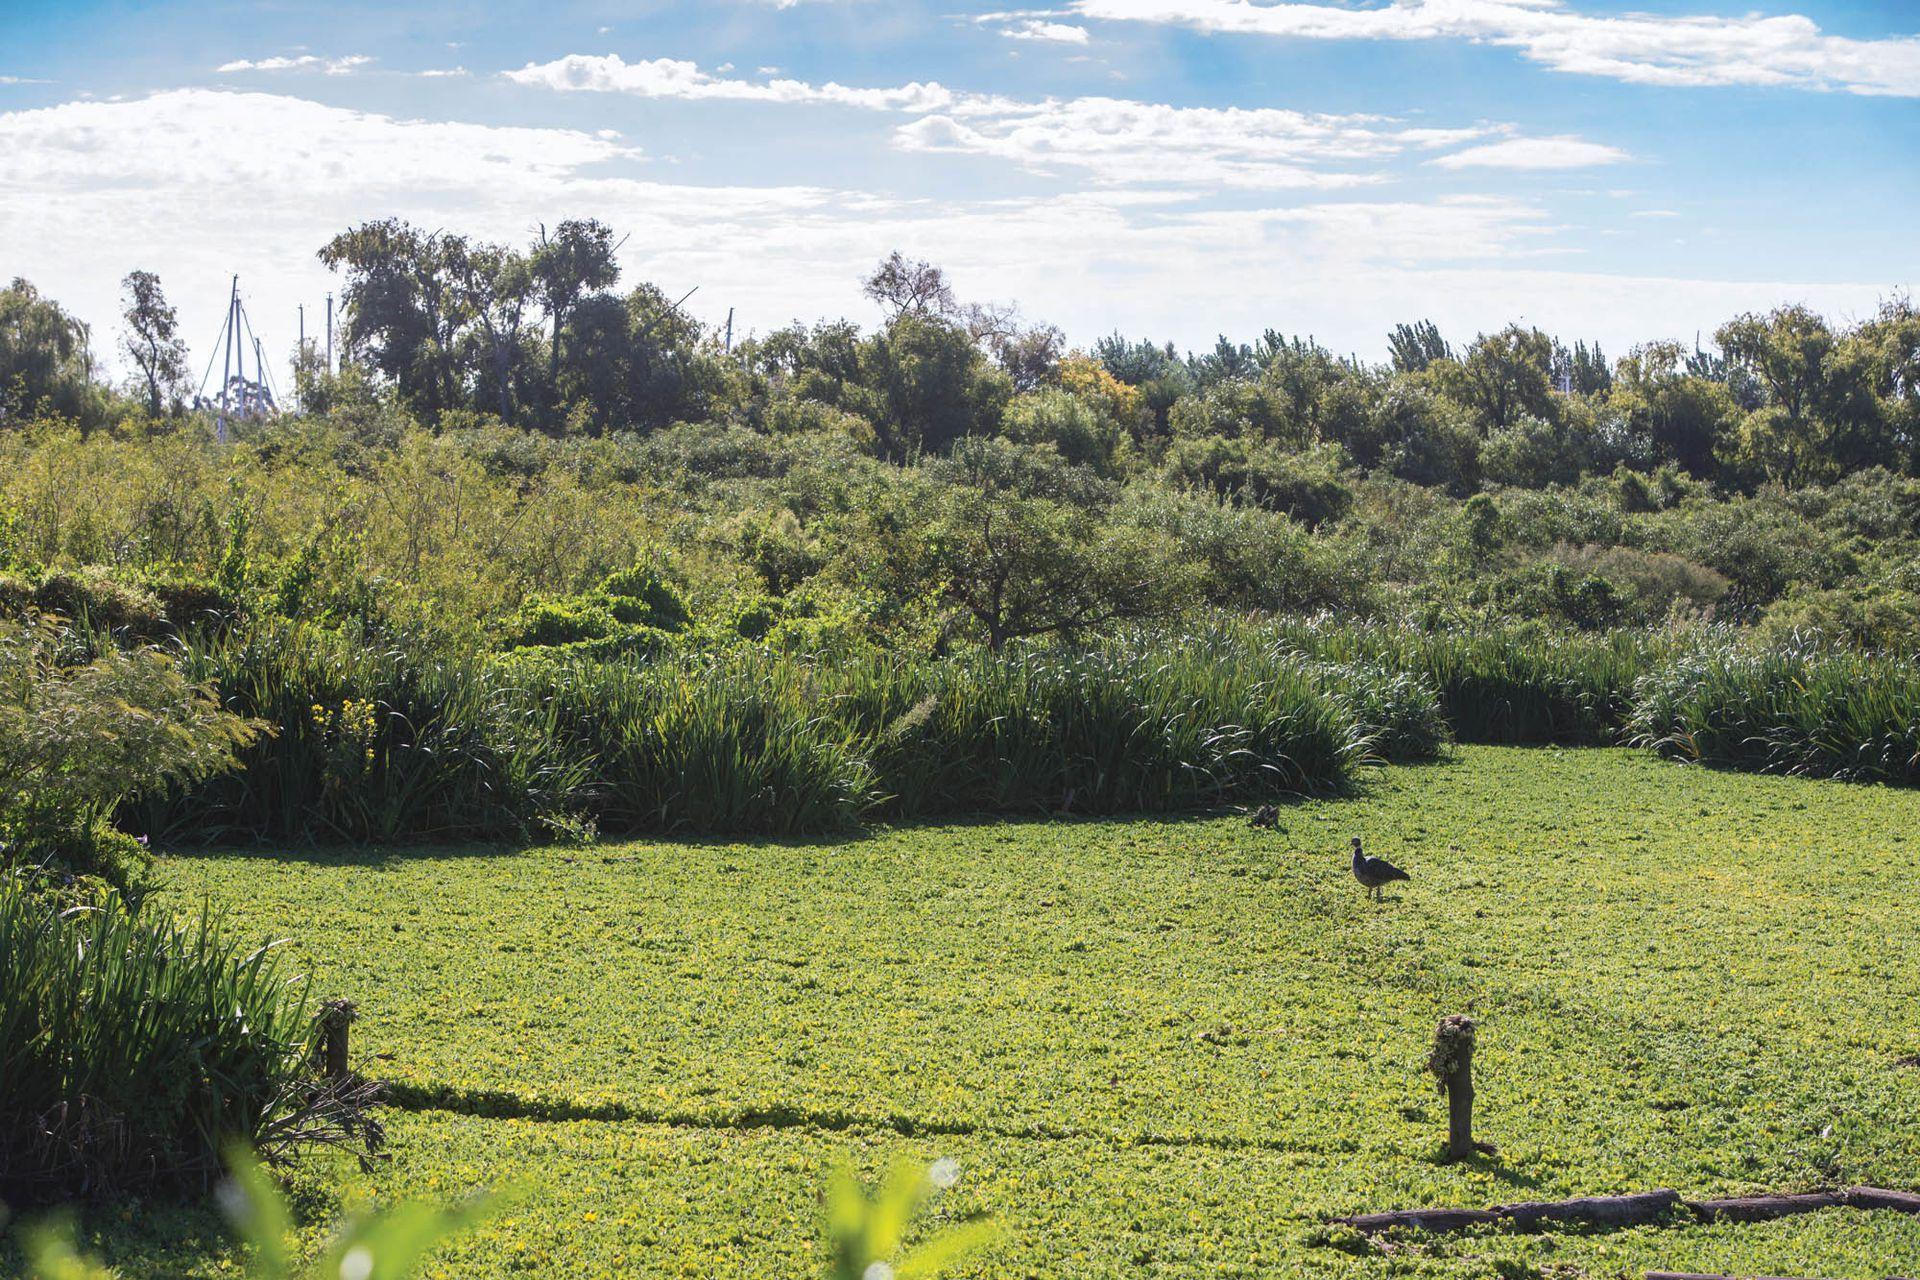 La Reserva Natural Ribera Norte es un paseo en sí mismo, con el plus de que contiene un vivero de especies del nordeste bonaerense.